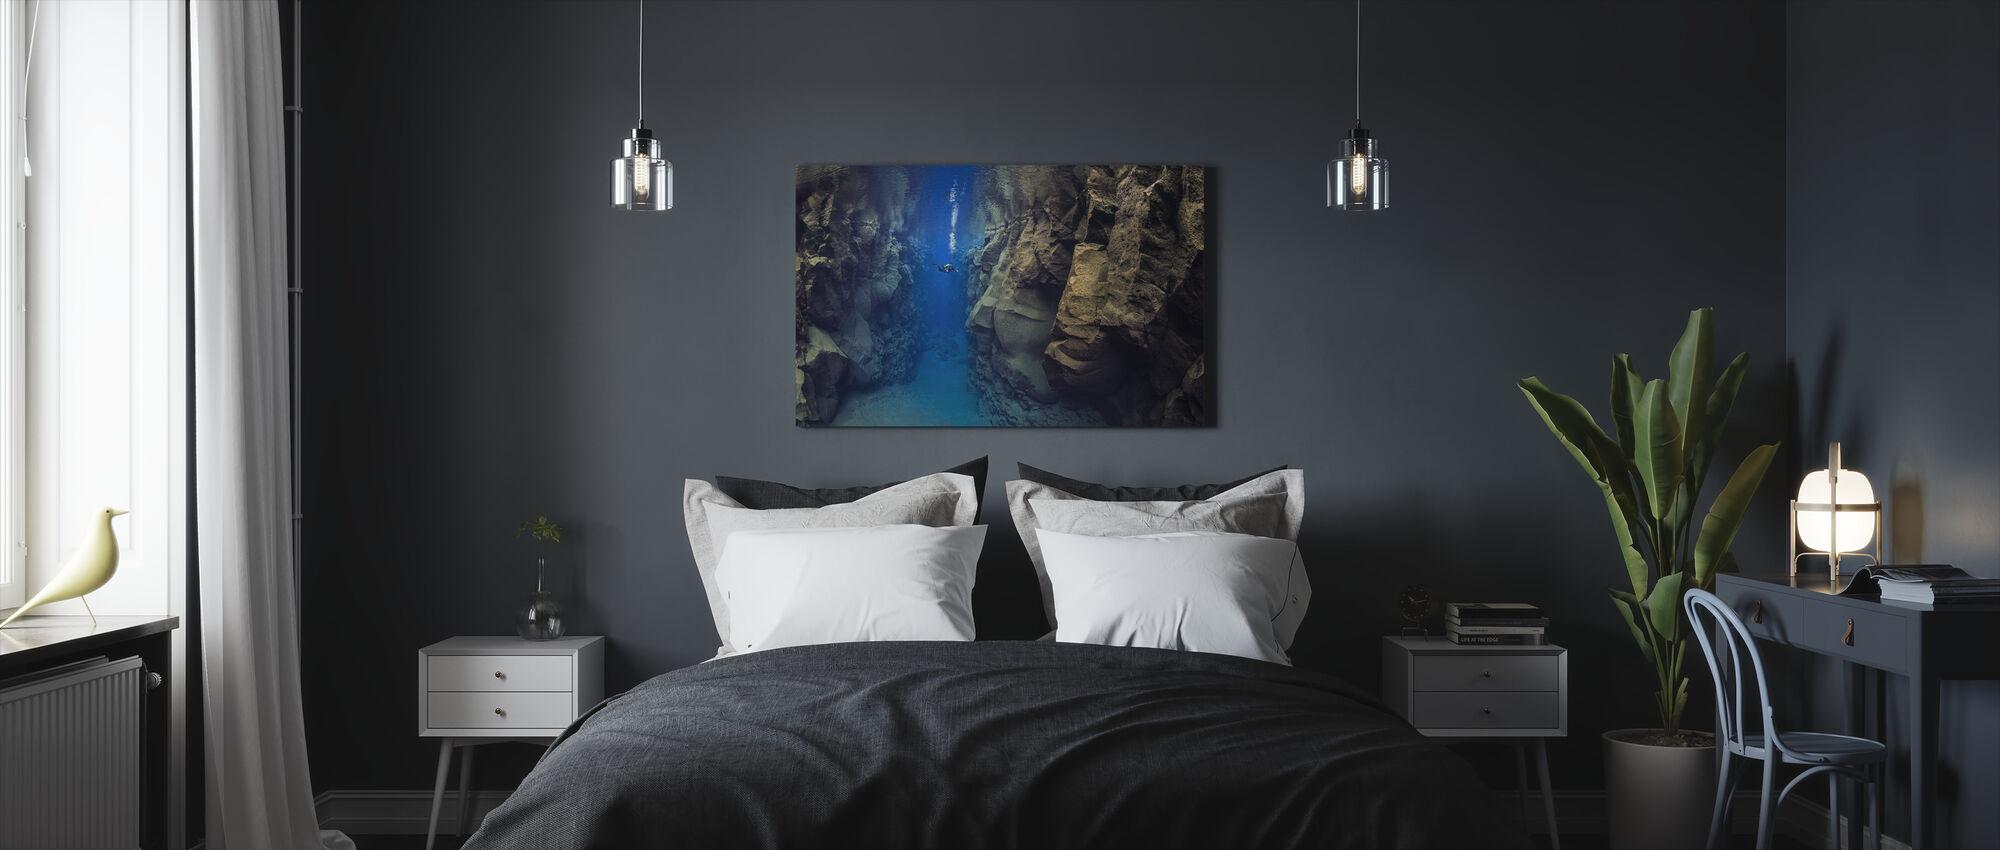 Diver Between Tectonic Plates - Canvas print - Bedroom